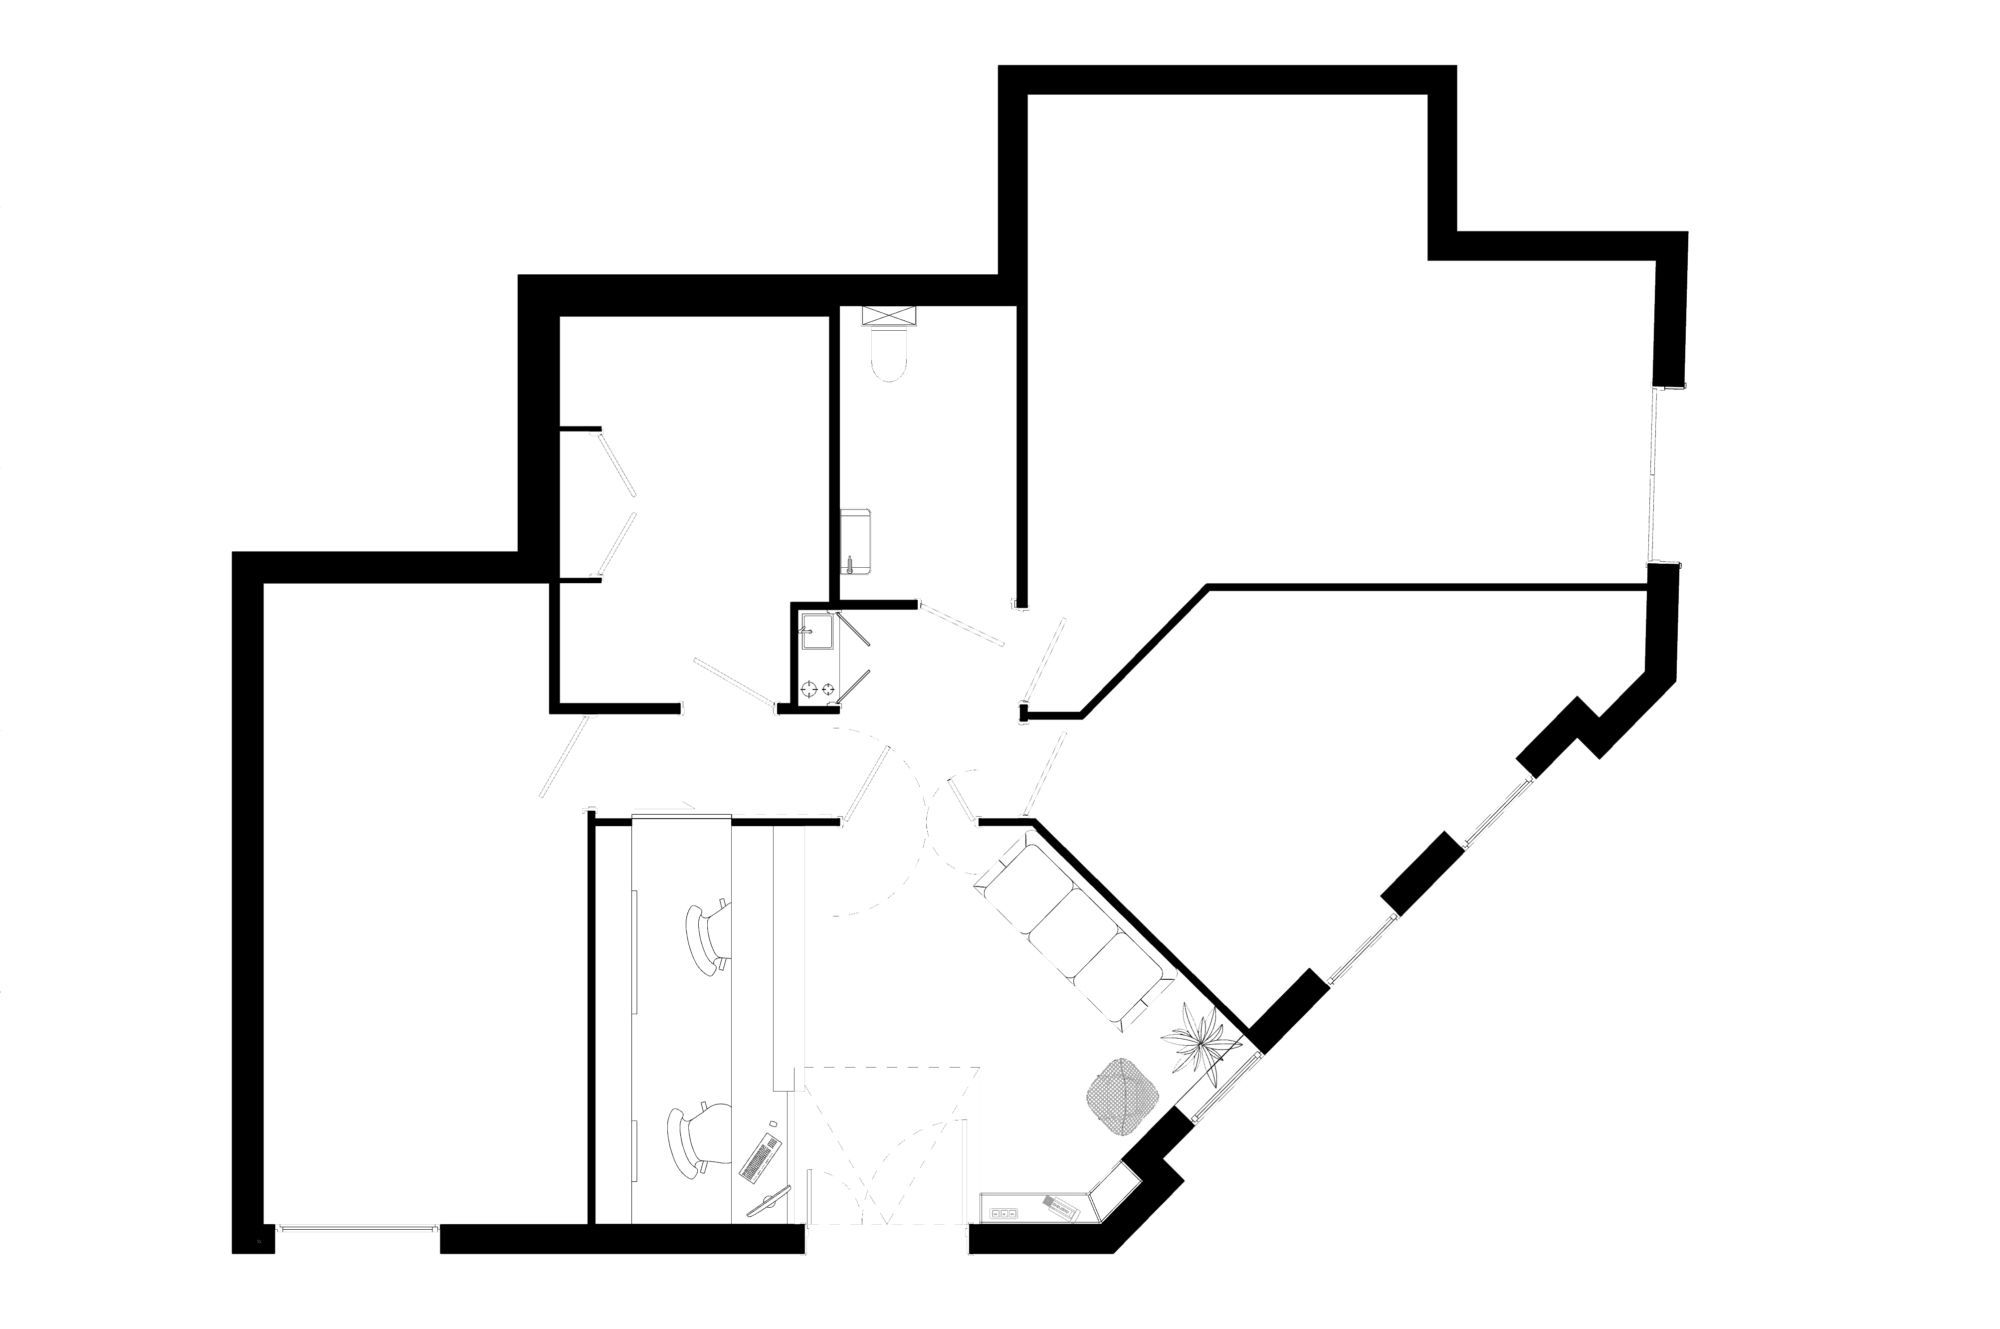 Plan de l'ensemble du cabinet après intervention